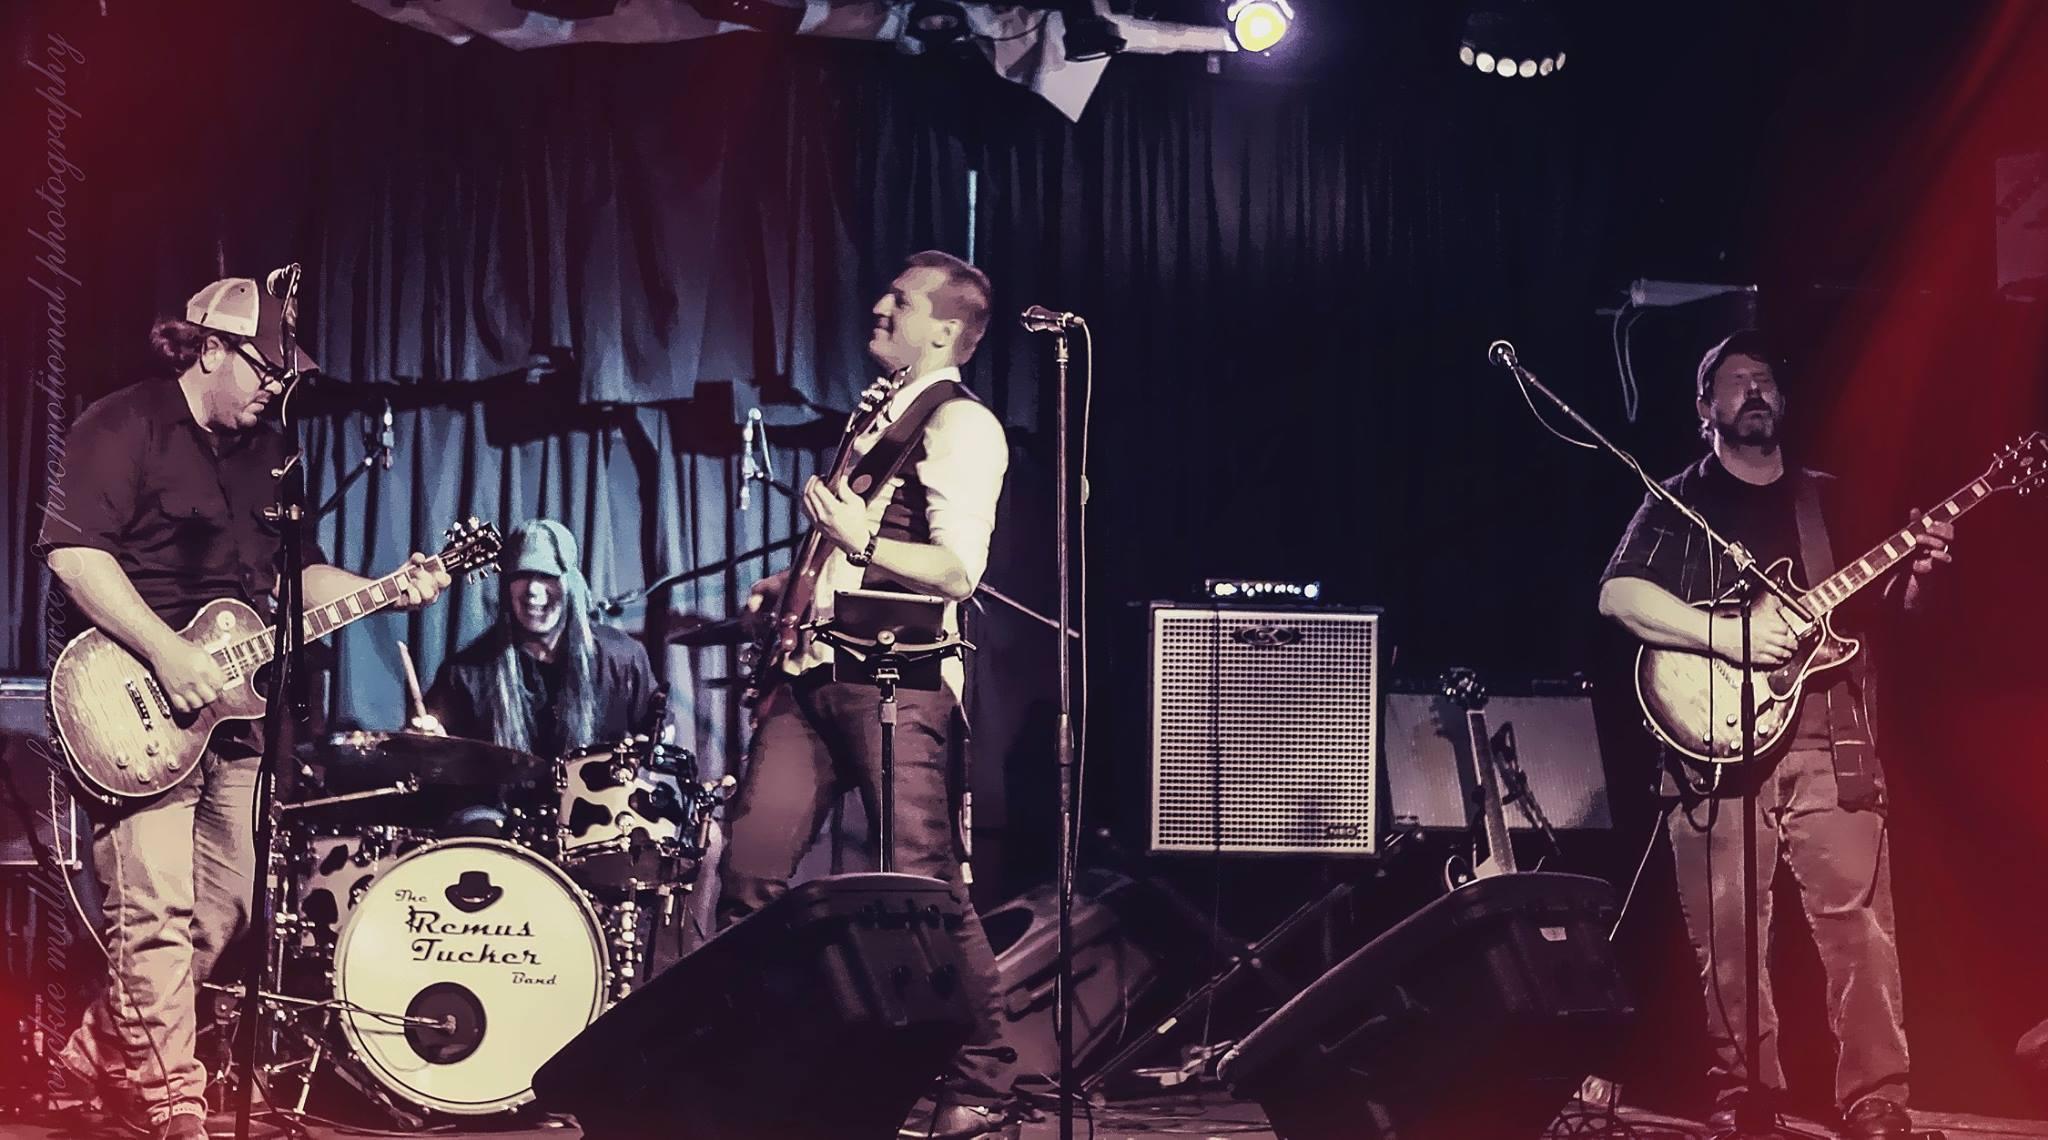 band no remus